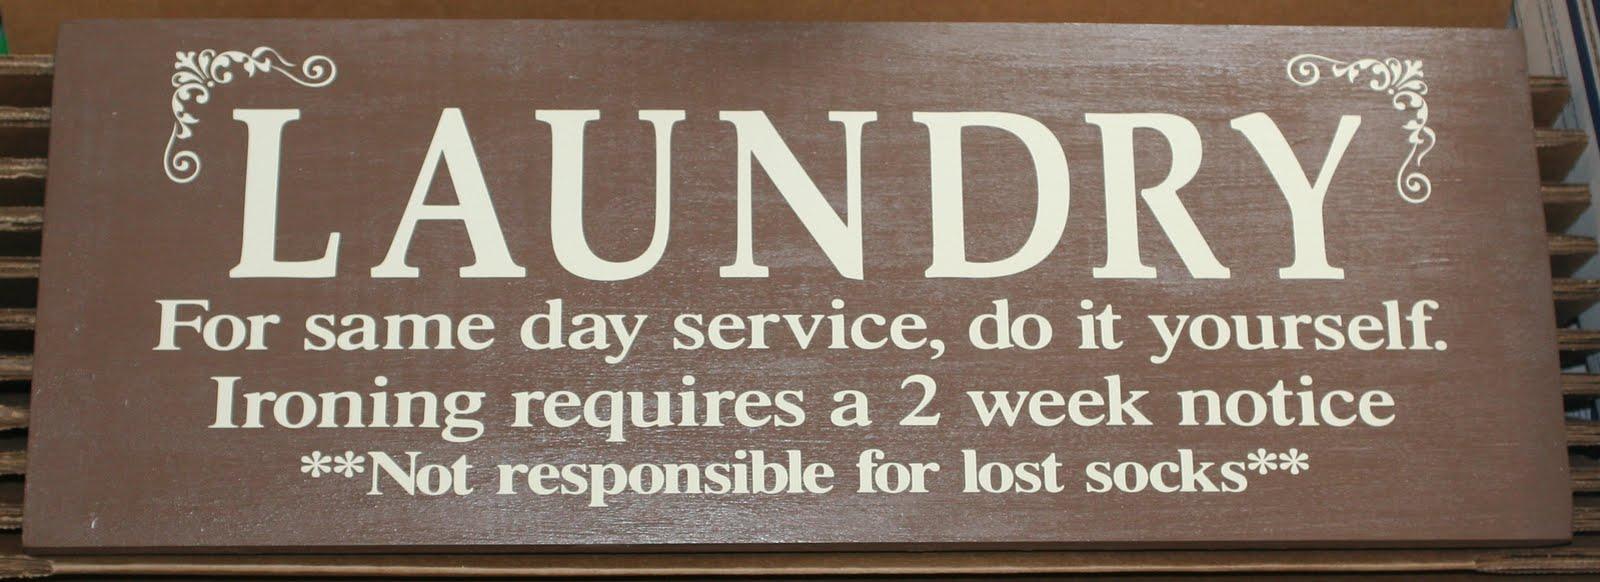 Laundry quote #1